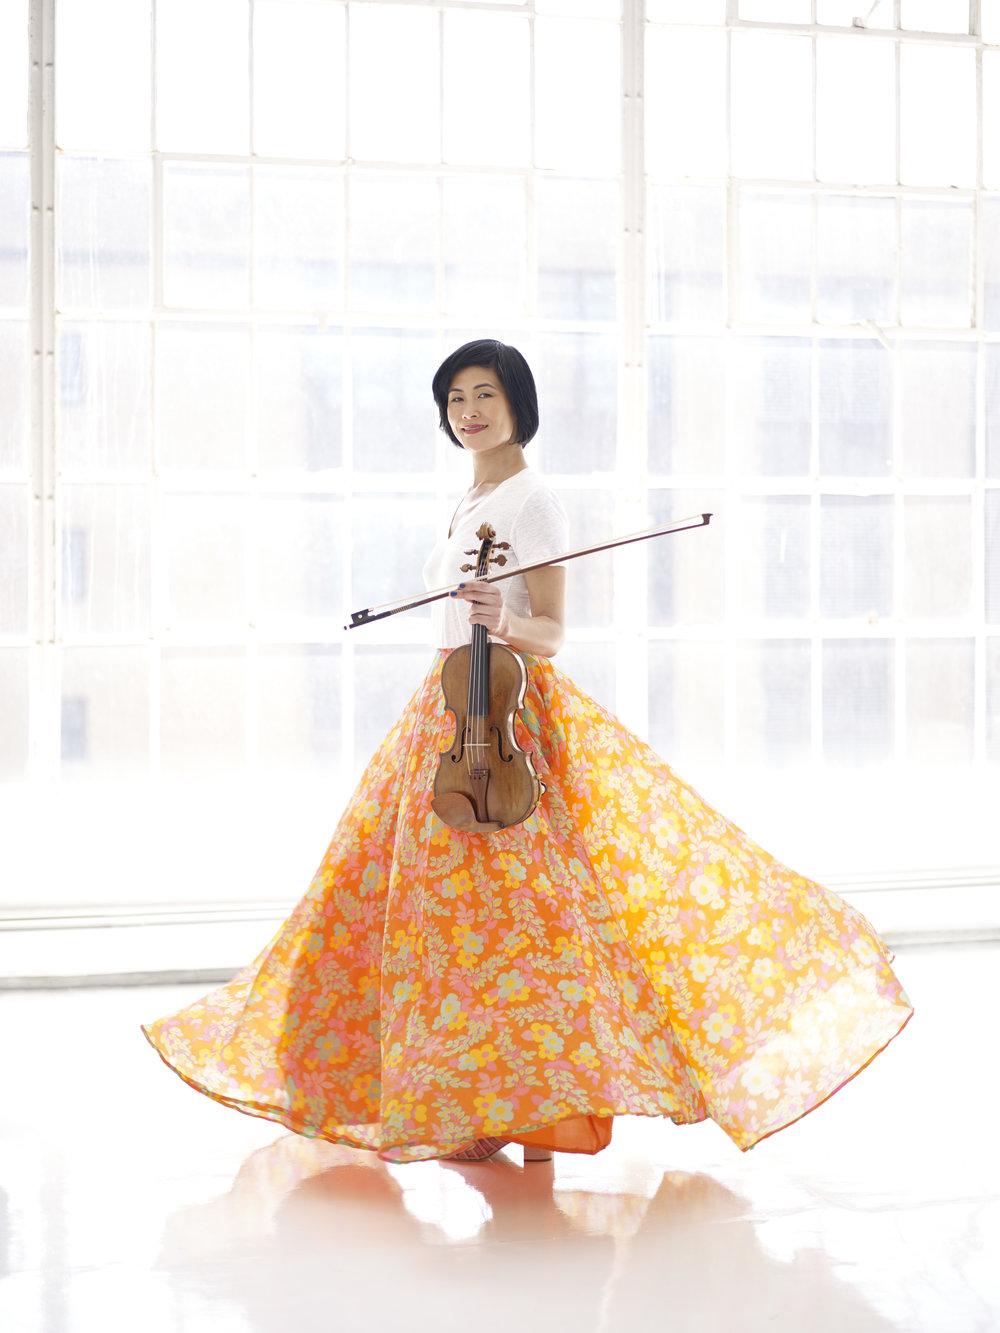 9 Jennifer Koh by Juergen Frank.jpg